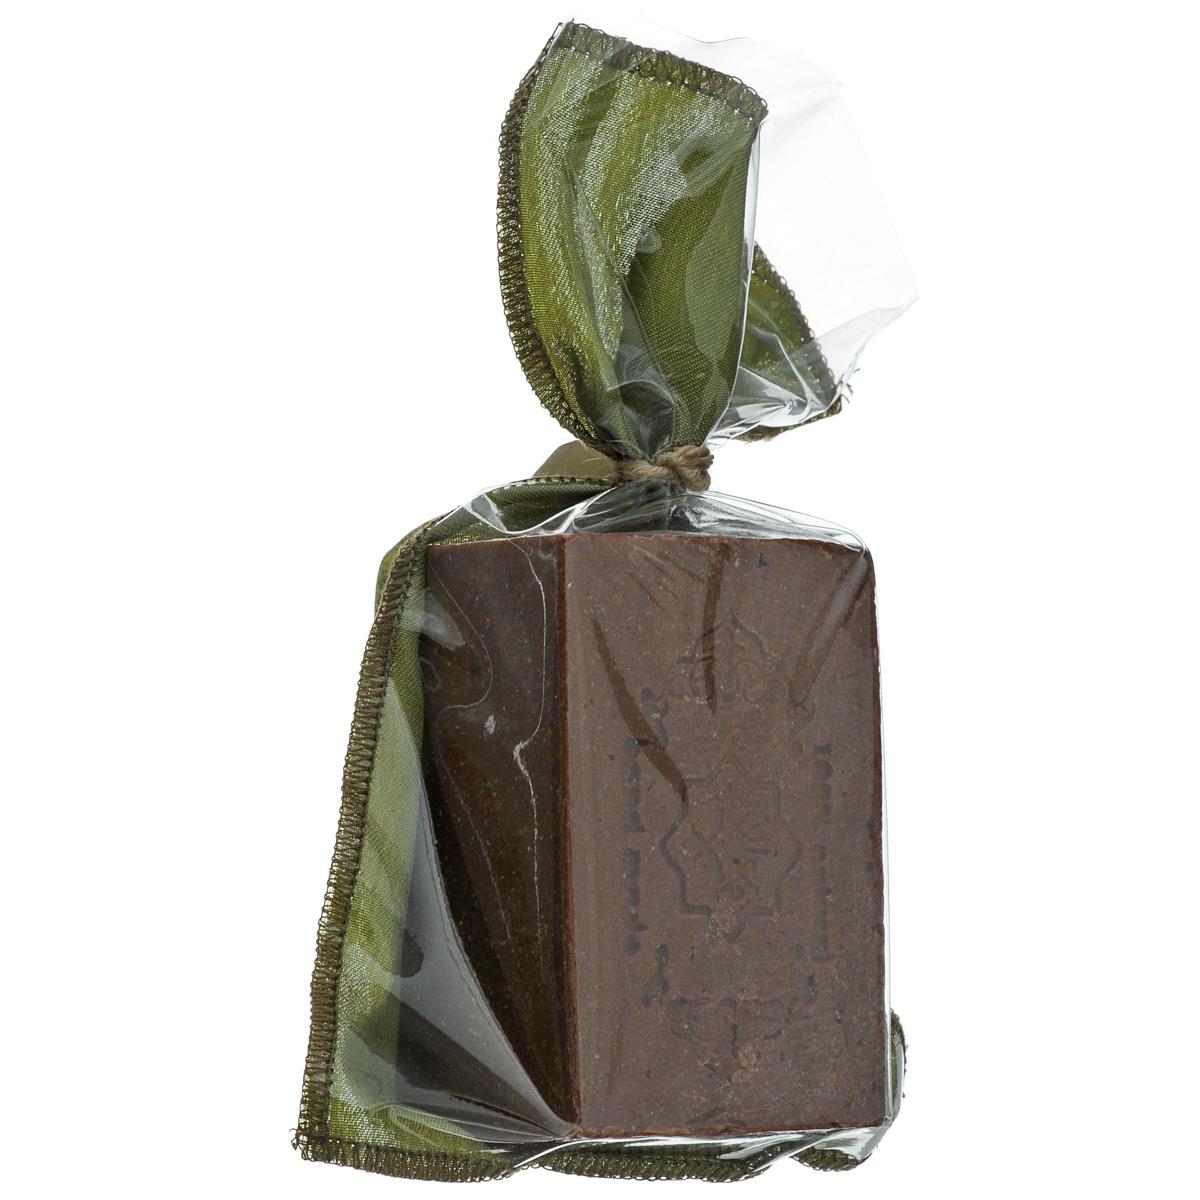 Зейтун Мыло Премиум №13 с глиной, для жирной и проблемной кожи, 250 гMP59.4DЭксклюзивное натуральное мыло Зейтун глина, содержащее в своём составе 75% уникальной глины Байлун, в которой присутствуют в разном количестве почти все элементы таблицы Менделеева.Глина известна с древнейших времен и использовалась людьми для гигиены и очищения своего тела задолго до появления мыла Глина Байлун обеспечивает мягкий микромассаж тканей организма, способствует омолаживанию клеток кожи, обладает прекрасными очищающими и противовоспалительными свойствами.Благодаря тому, что глина идеально впитывается в кожу, насыщая организм целым комплексом минералов, натуральное мыло Зейтун глина способствует активизации иммунных реакций организма, оказывает тонизирующее действие, повышают сопротивляемость заболеваниям.